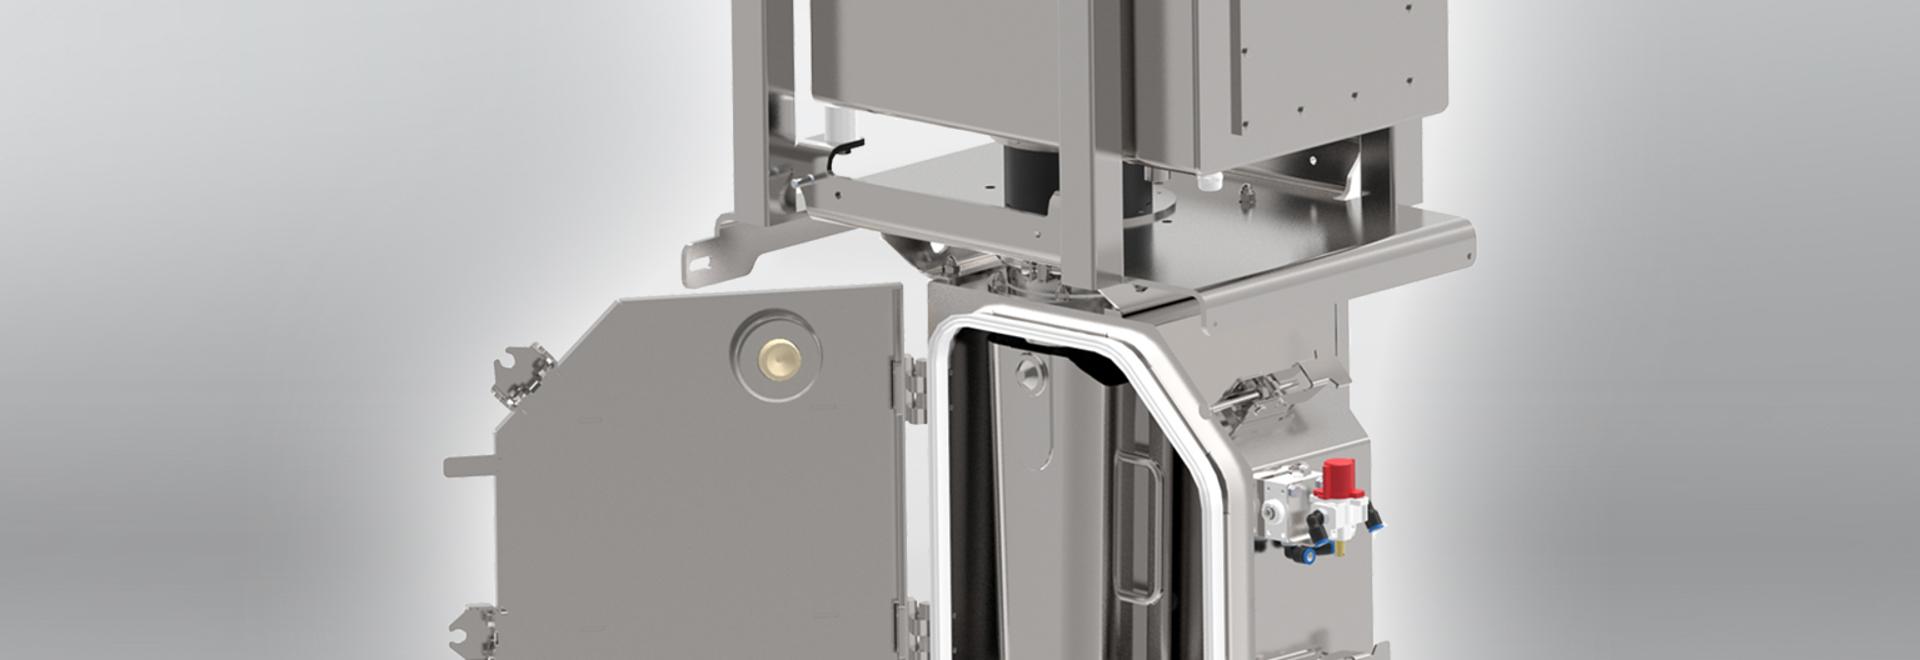 Le RAPID PRO-SENSE 6 de Sesotec est un séparateur de métaux développé en tenant compte des défis spécifiques des producteurs de granulés, de composés et de mélanges maîtres. (Image : Sesotec GmbH)